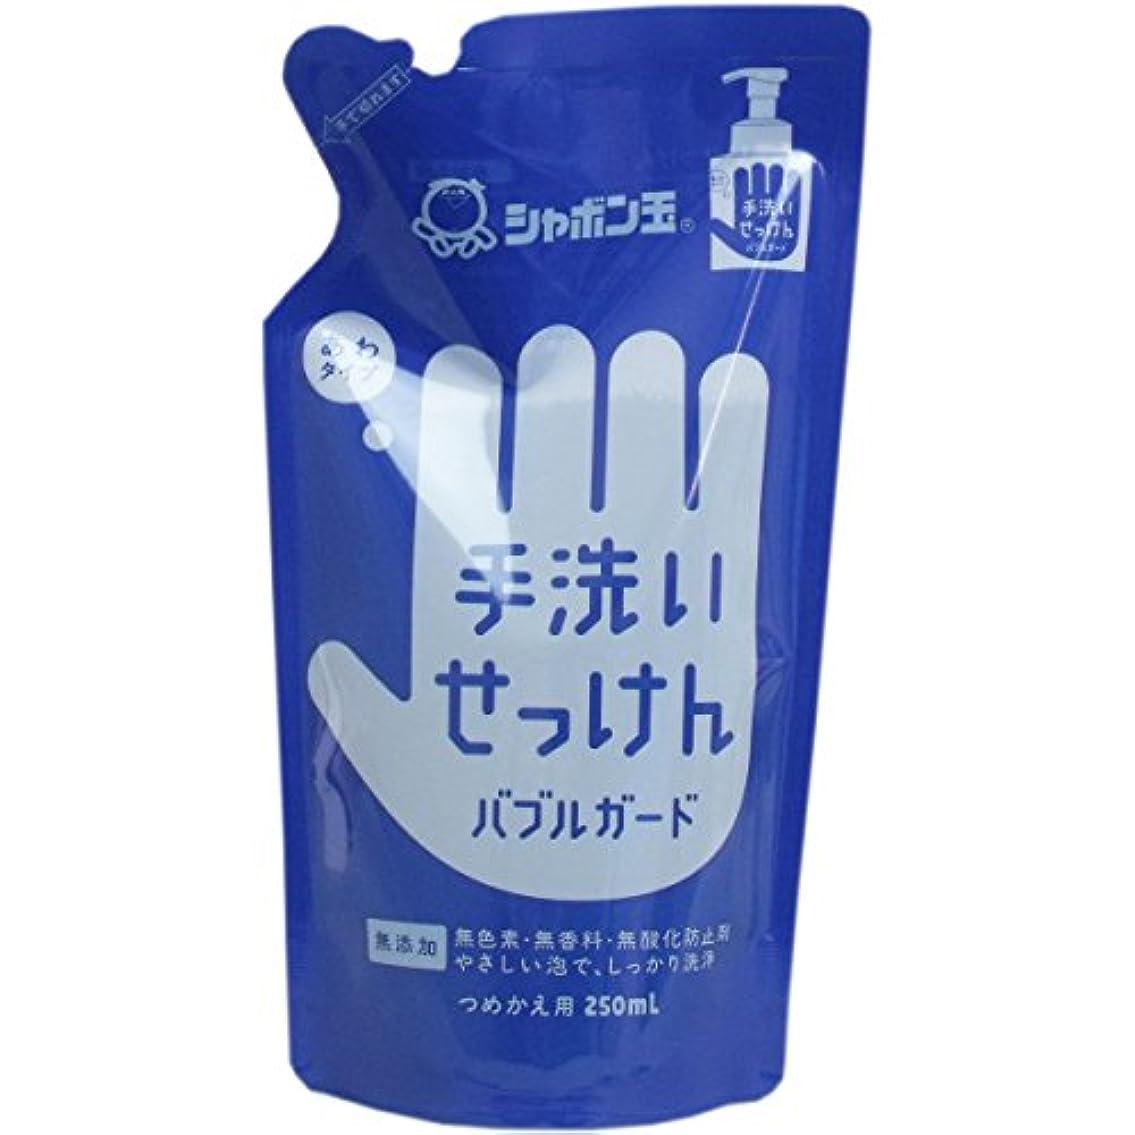 読みやすさ式青写真シャボン玉石けん 手洗いせっけん バブルガード 詰め替え用 250ml 【12個セット】